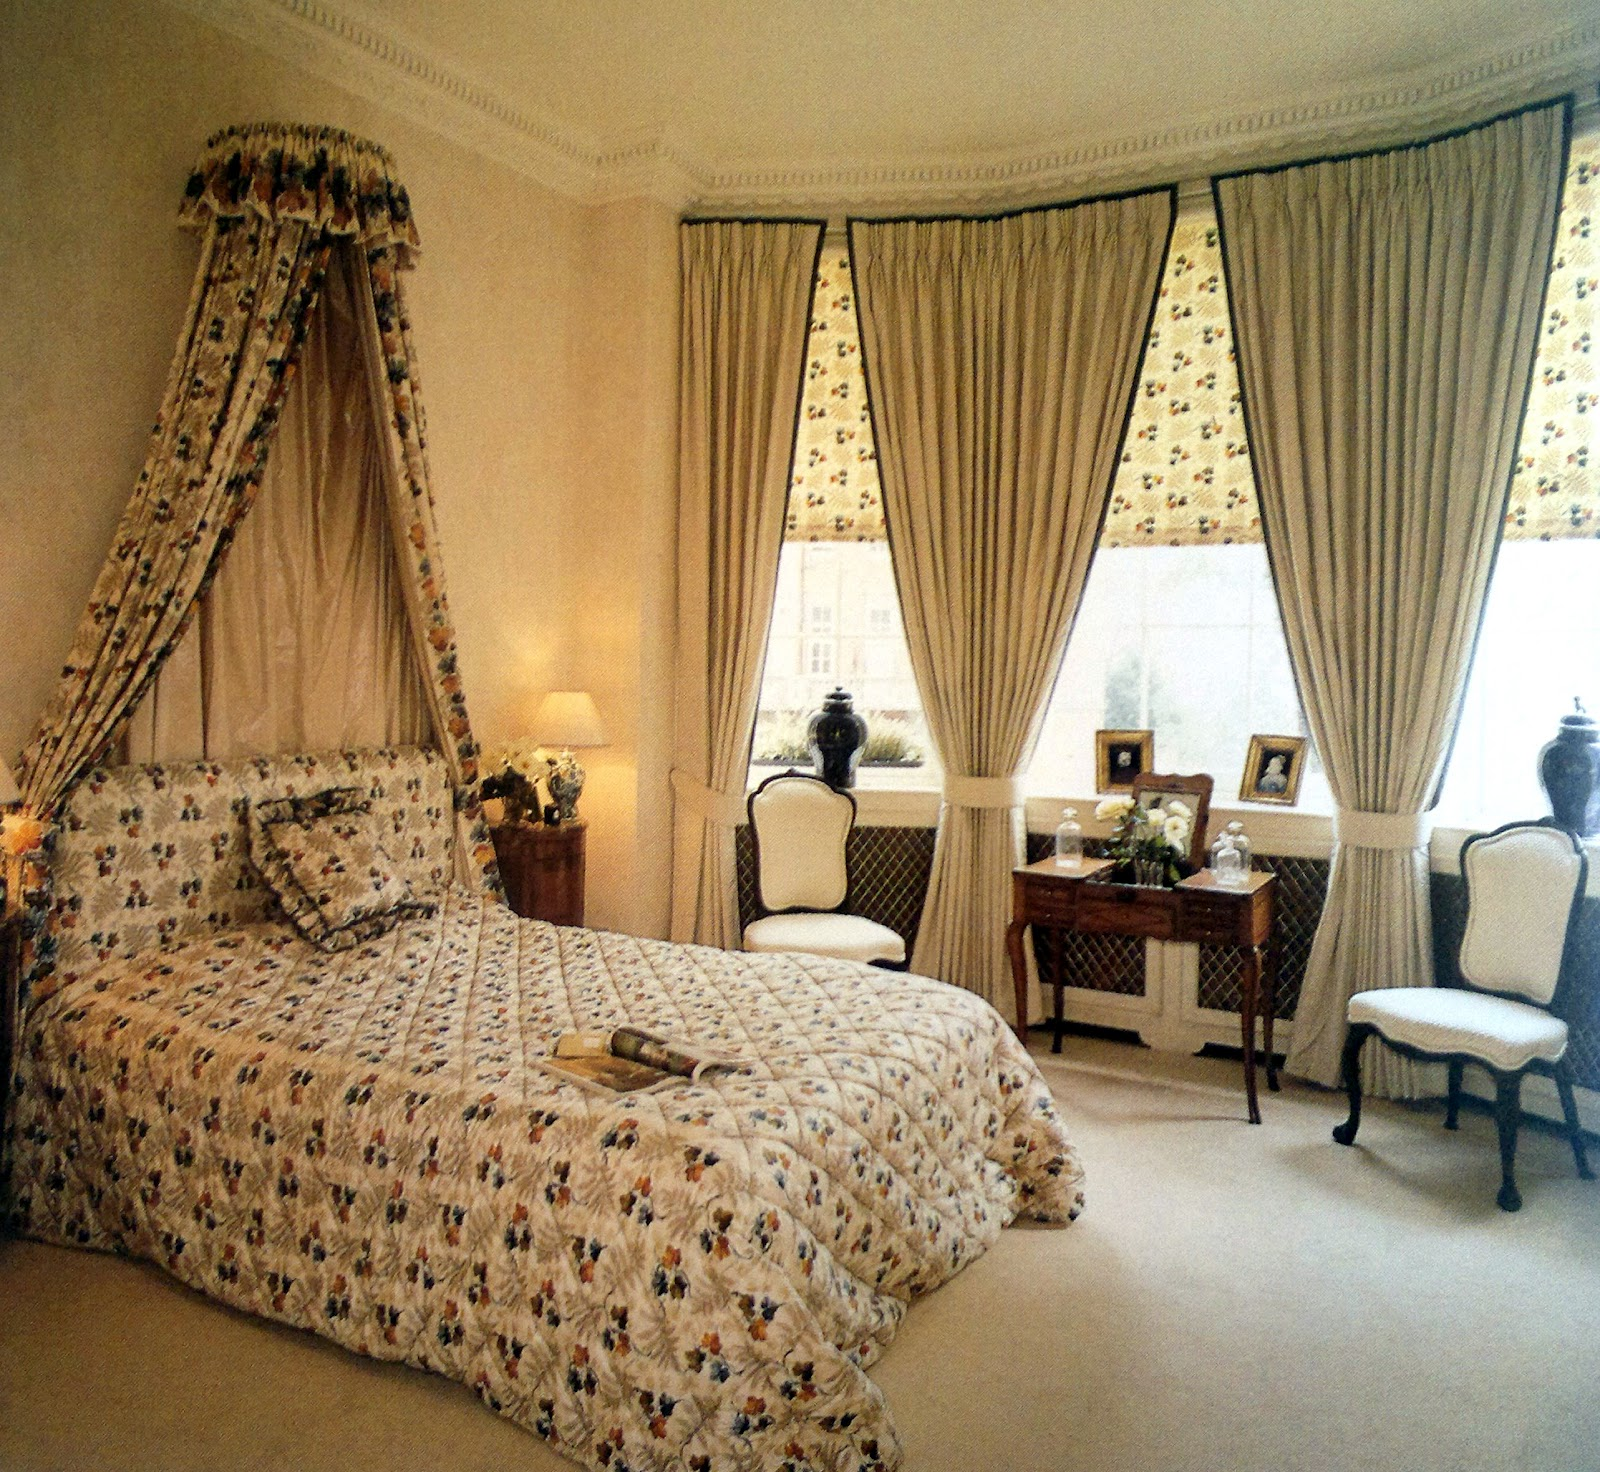 Archi tetti oggi voglio un letto a baldacchino - Baldacchino per letto matrimoniale ...